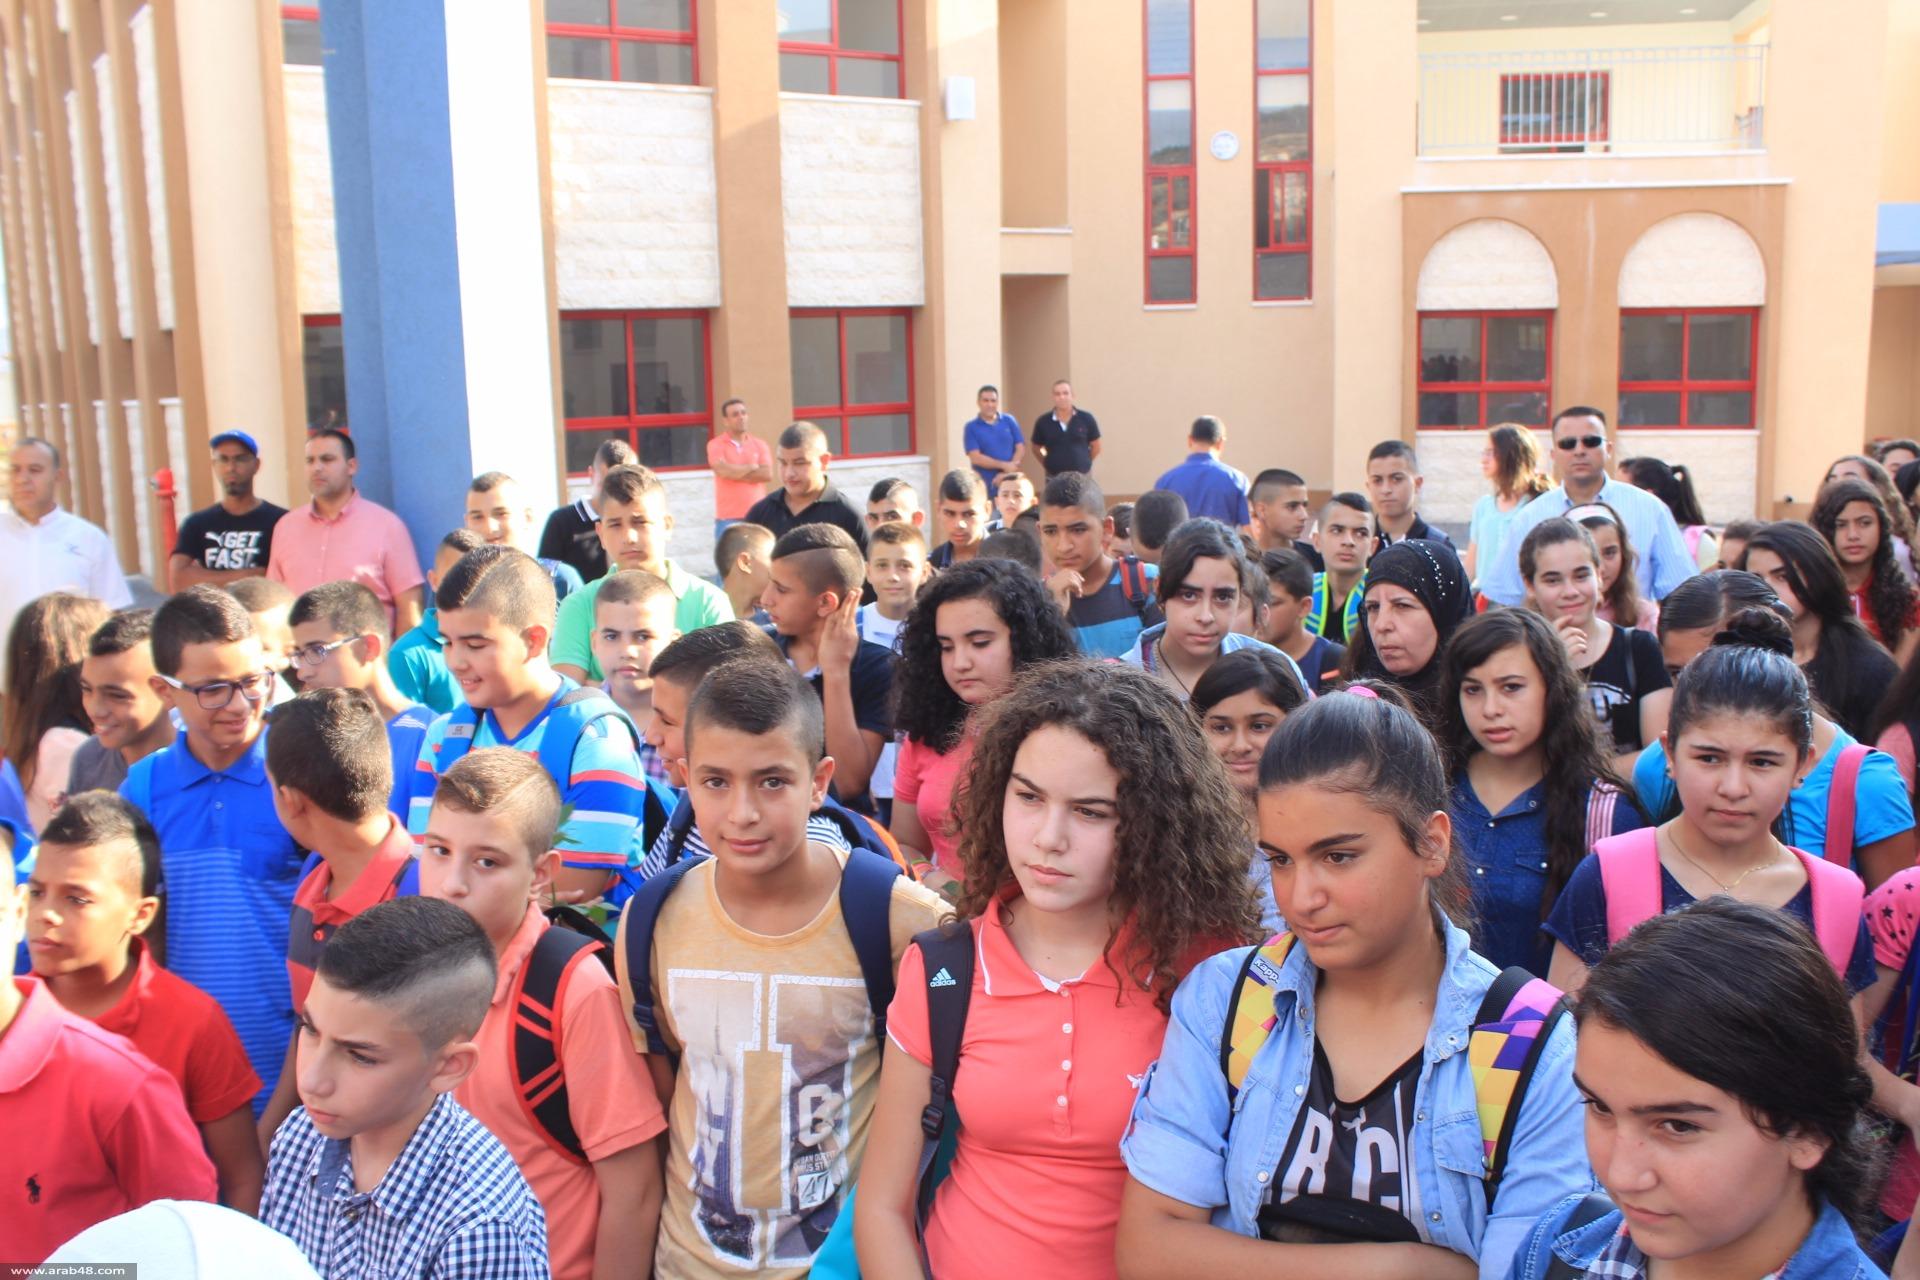 مدارس سخنين والبطوف تفتتح العام الدراسي بانتظام